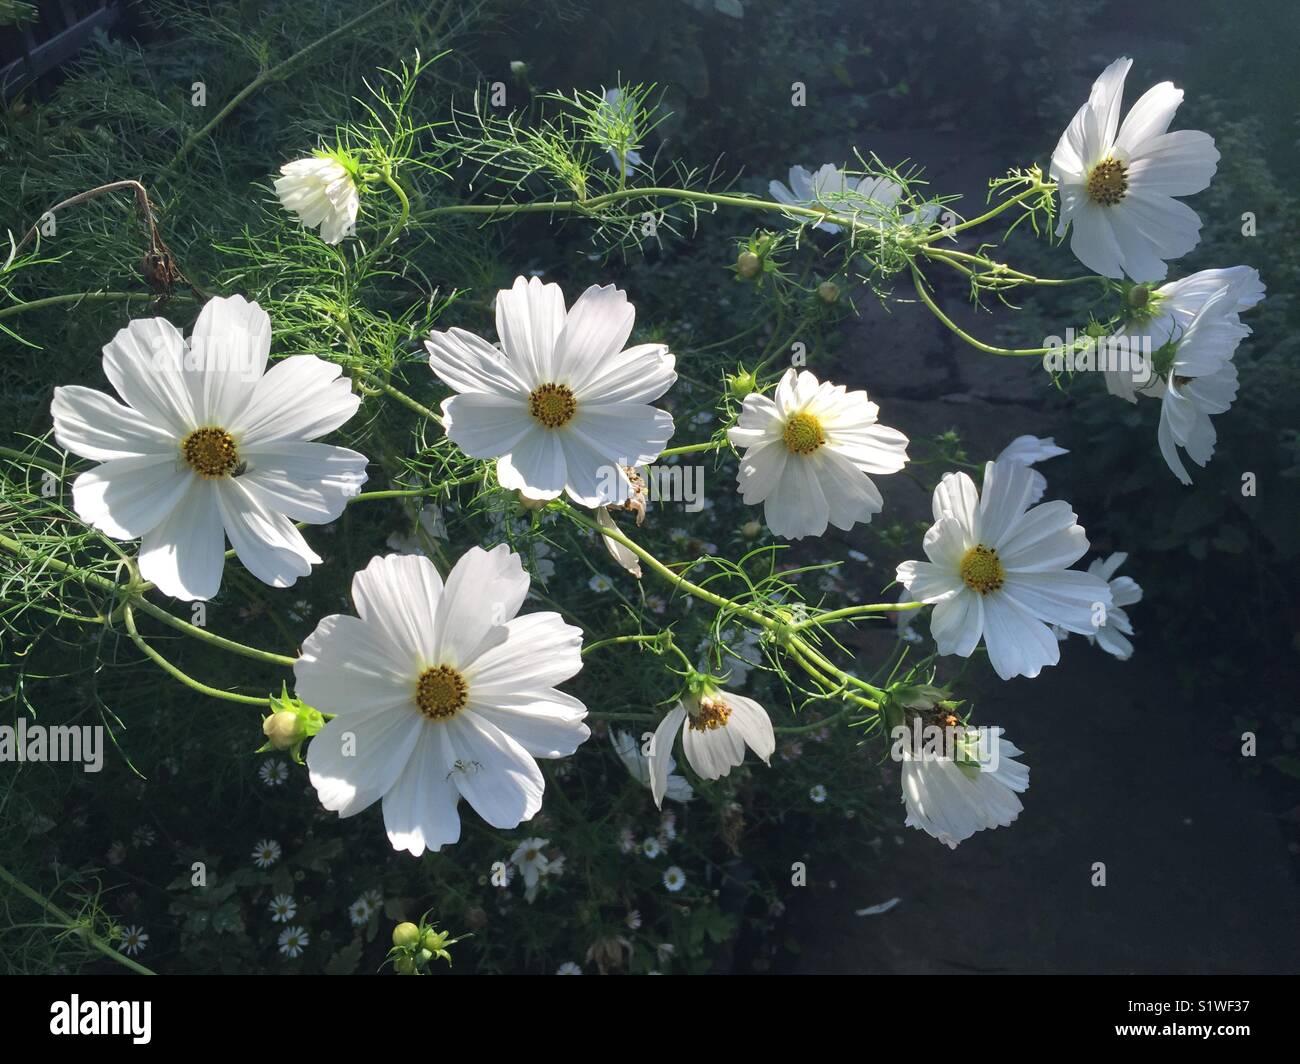 """Cosmo """"purezza"""" la mattina presto. Asteraceae, pianta di giardino, giardino cottage, fiori recisi, bianco. Immagini Stock"""